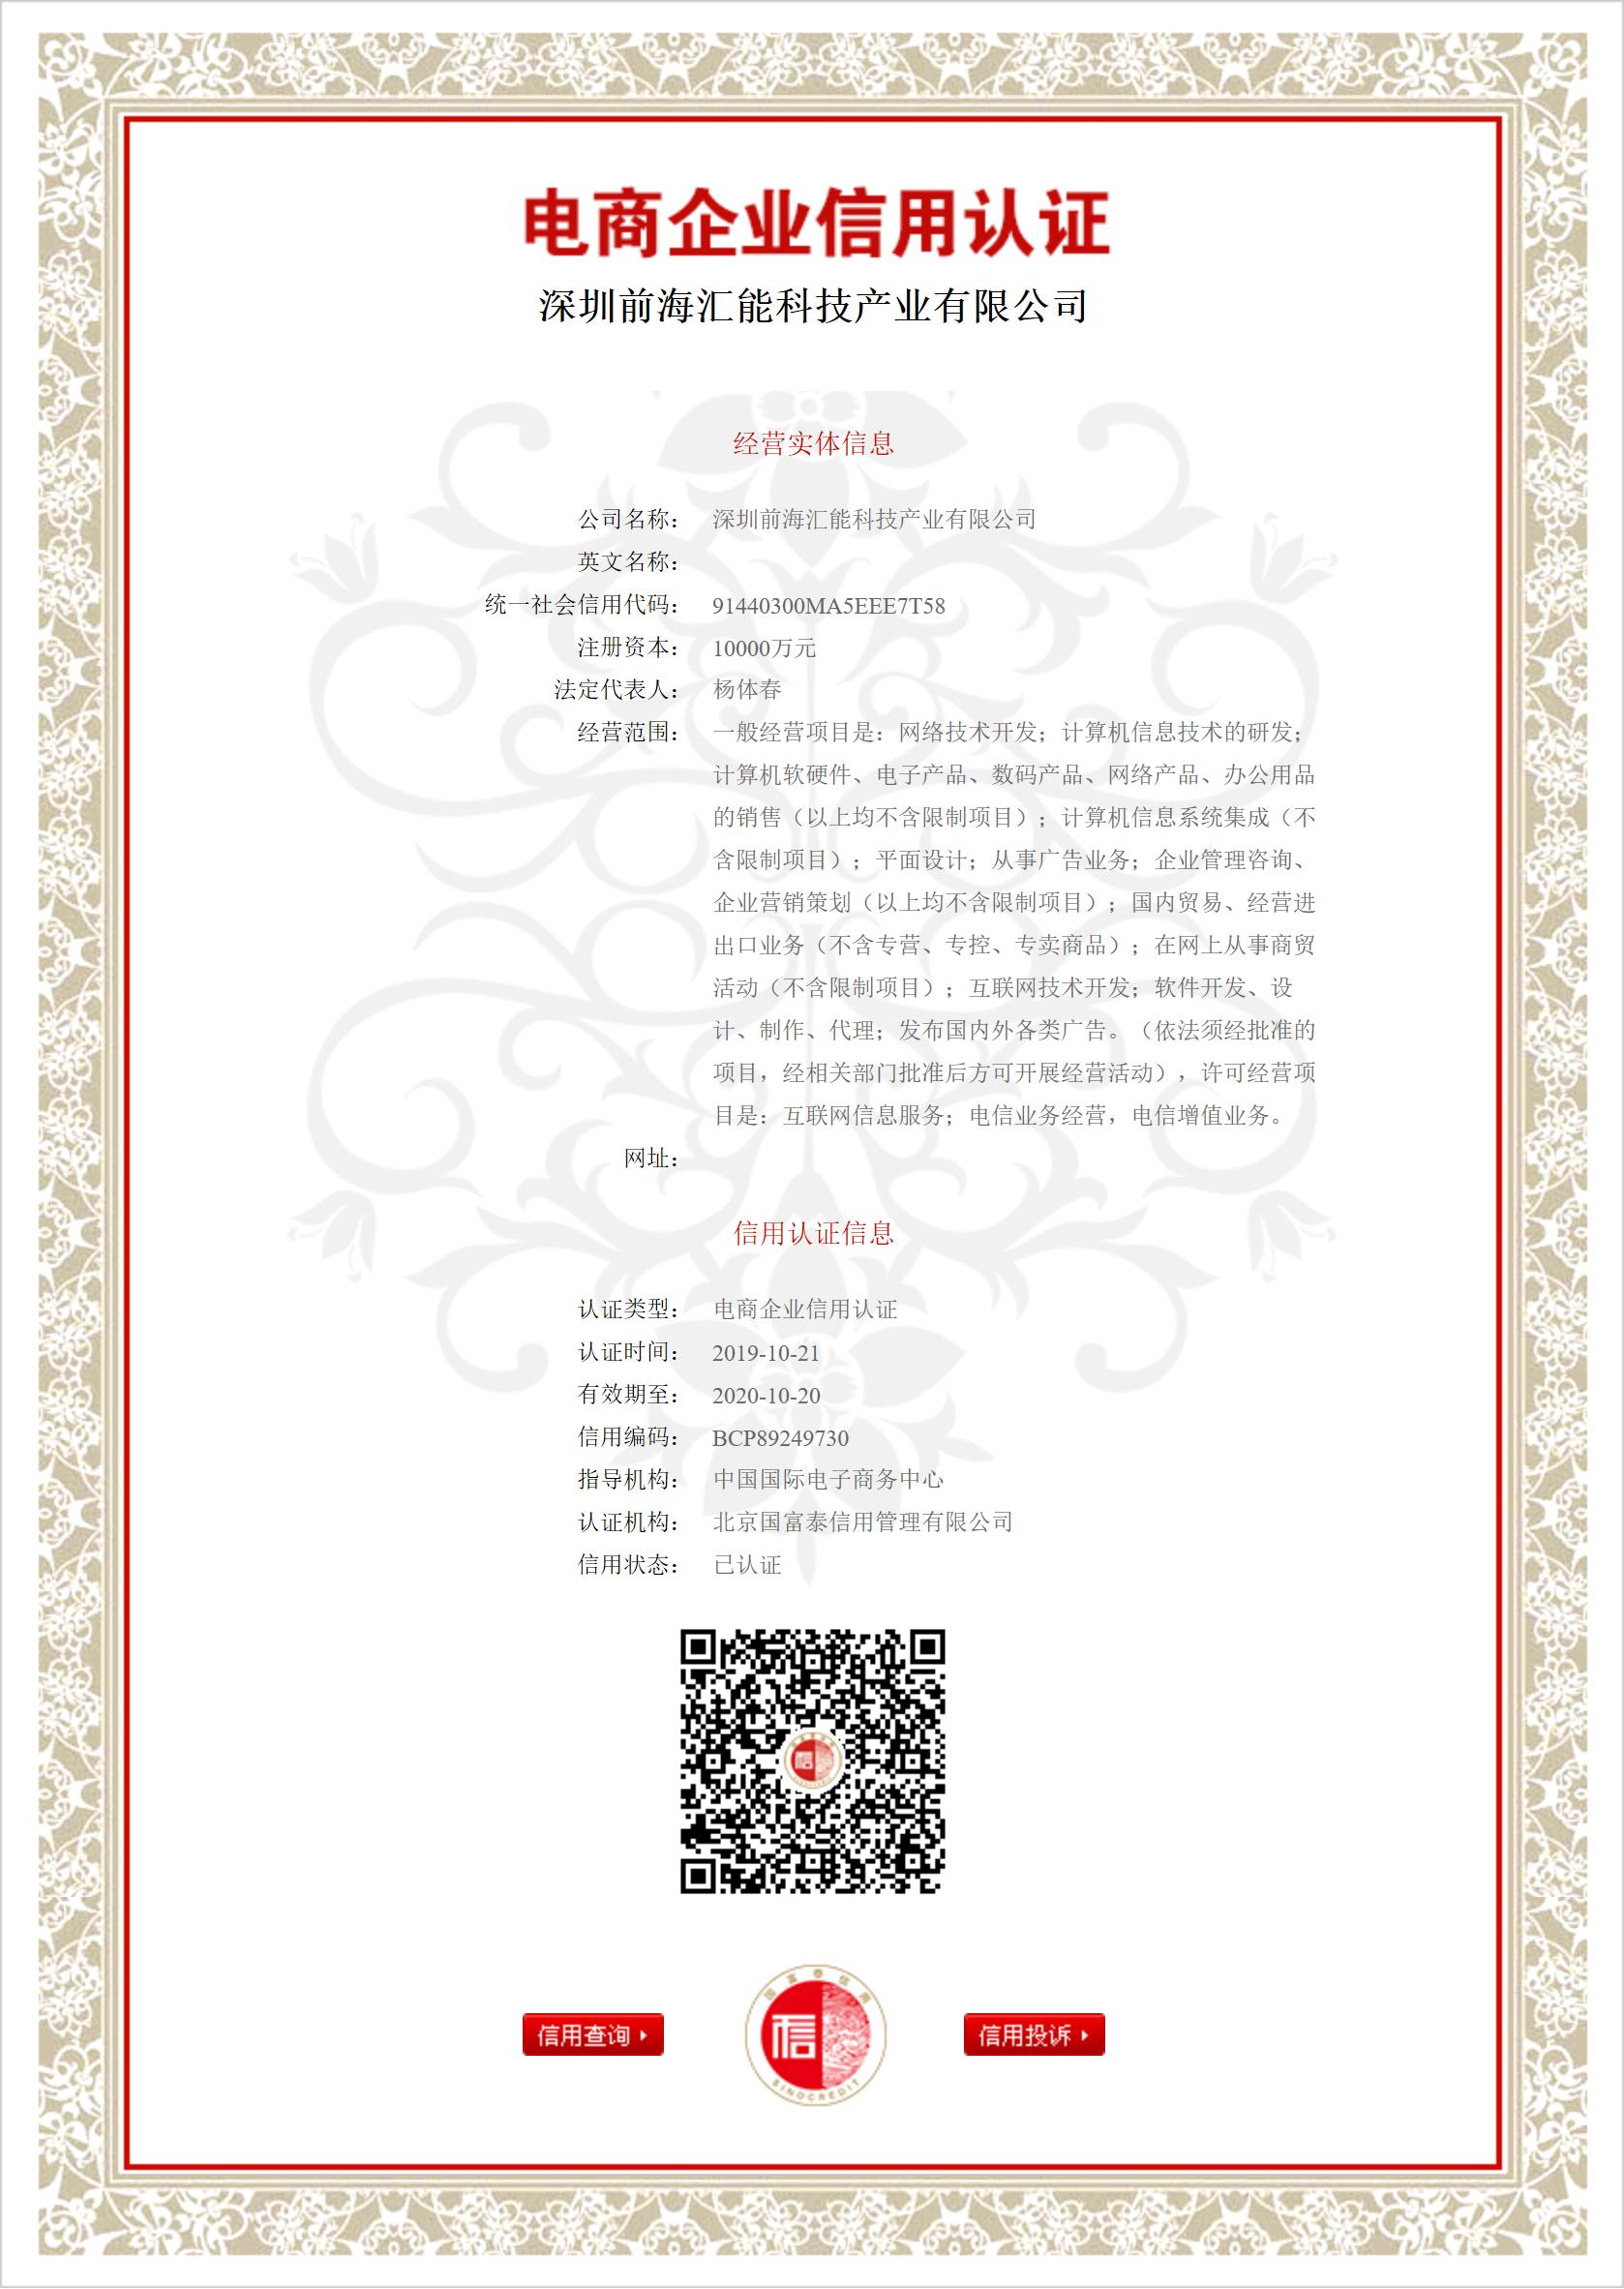 电商企业信用认证证书